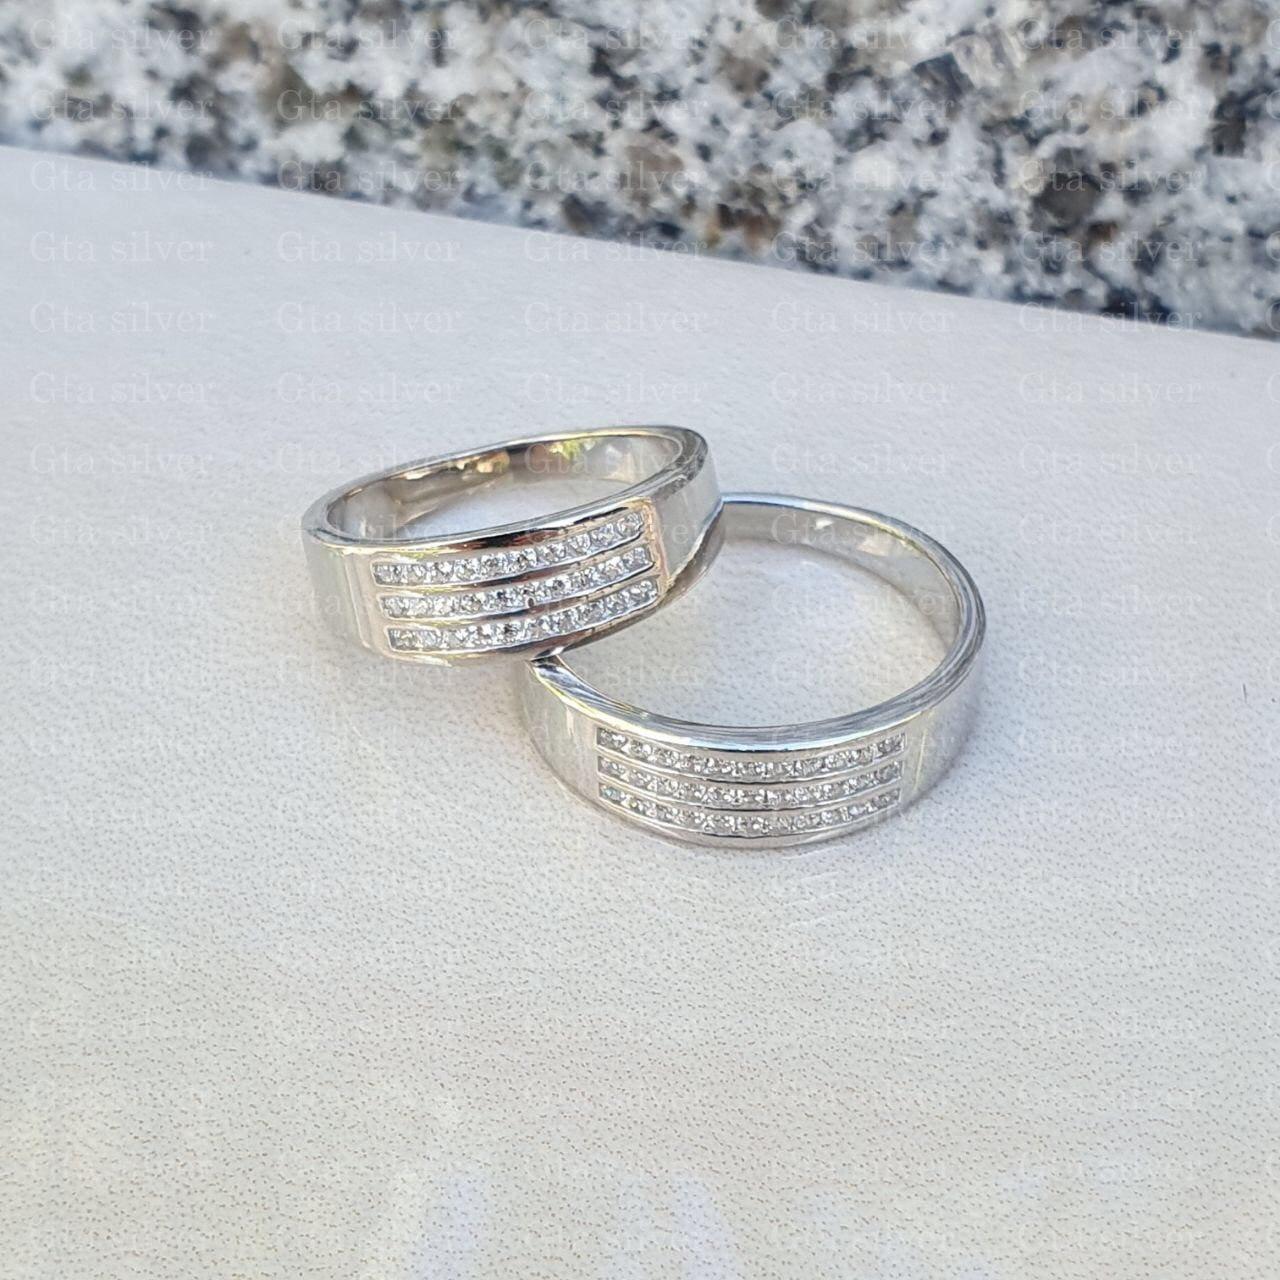 ست حلقه ازدواج وزن 8 گرم مدل 34